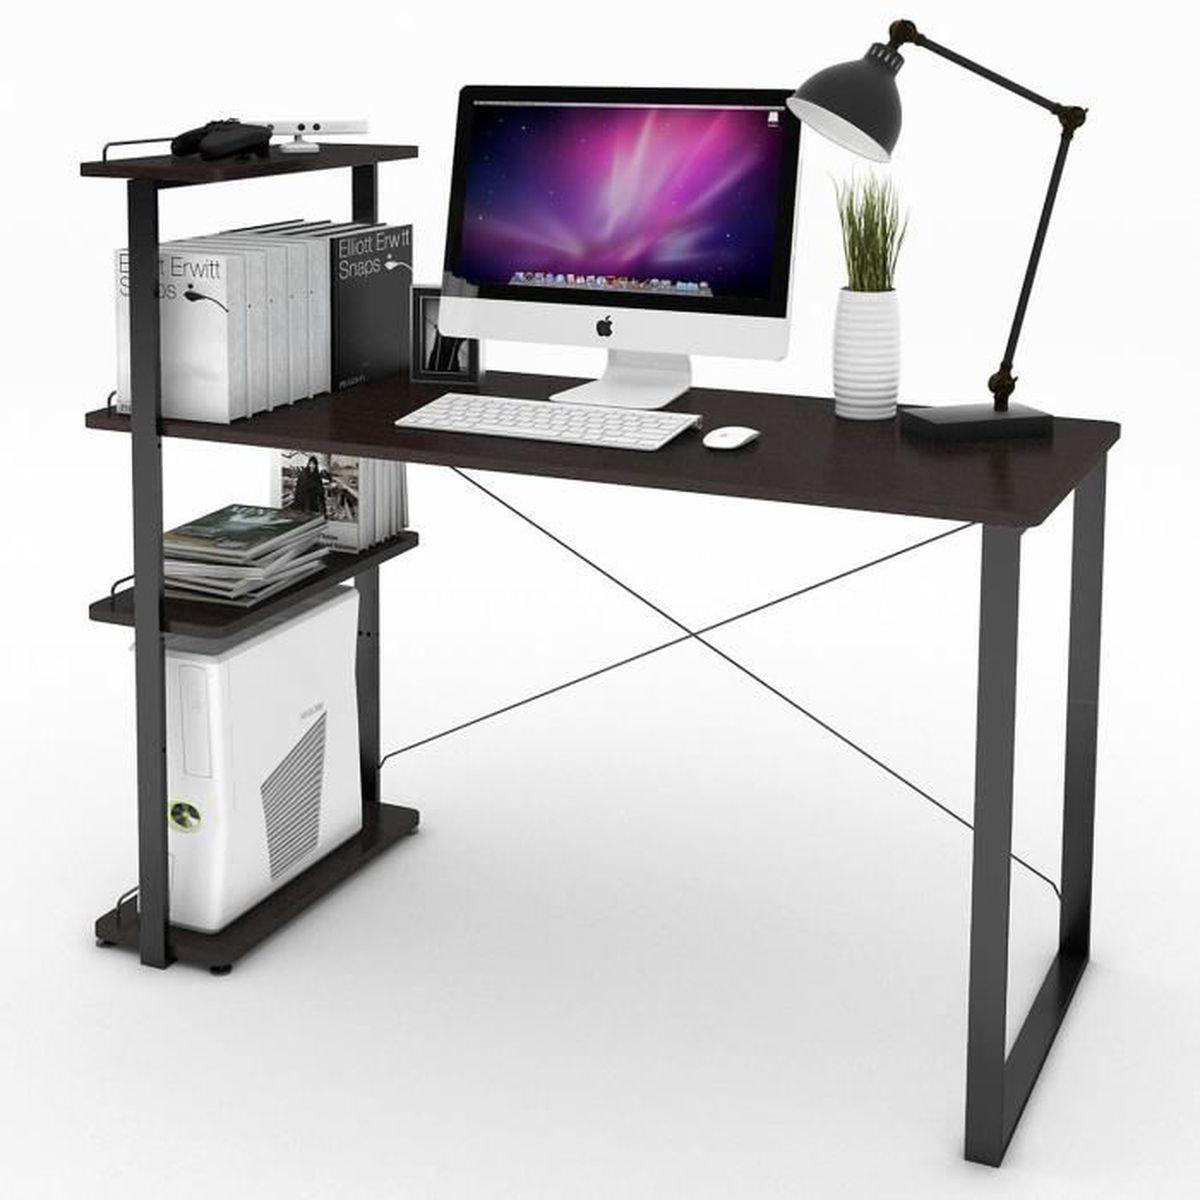 Meuble etagere informatique achat vente meuble etagere for Bureau informatique avec etagere